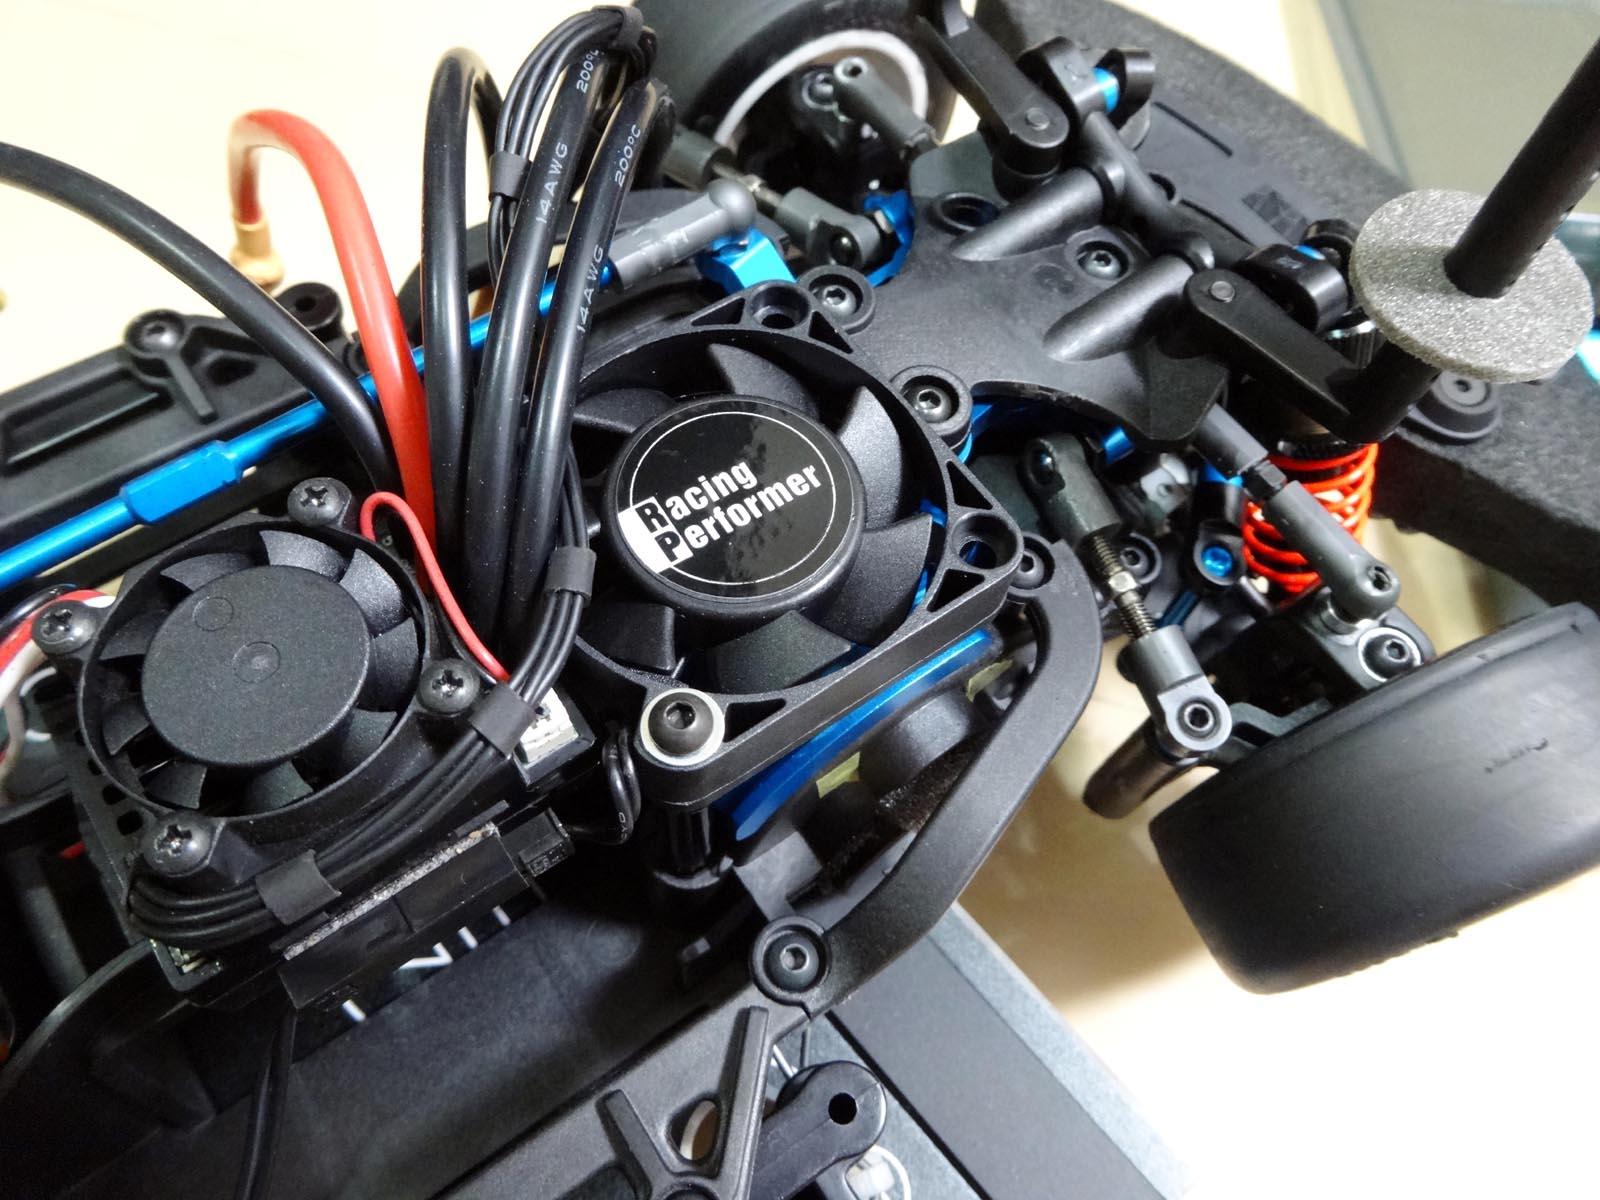 ラジコン好きな行政書士・社会保険労務士のホンネと建前(ほぼラジコンブログ)                    続・M-07に冷却モーターファンを装着!